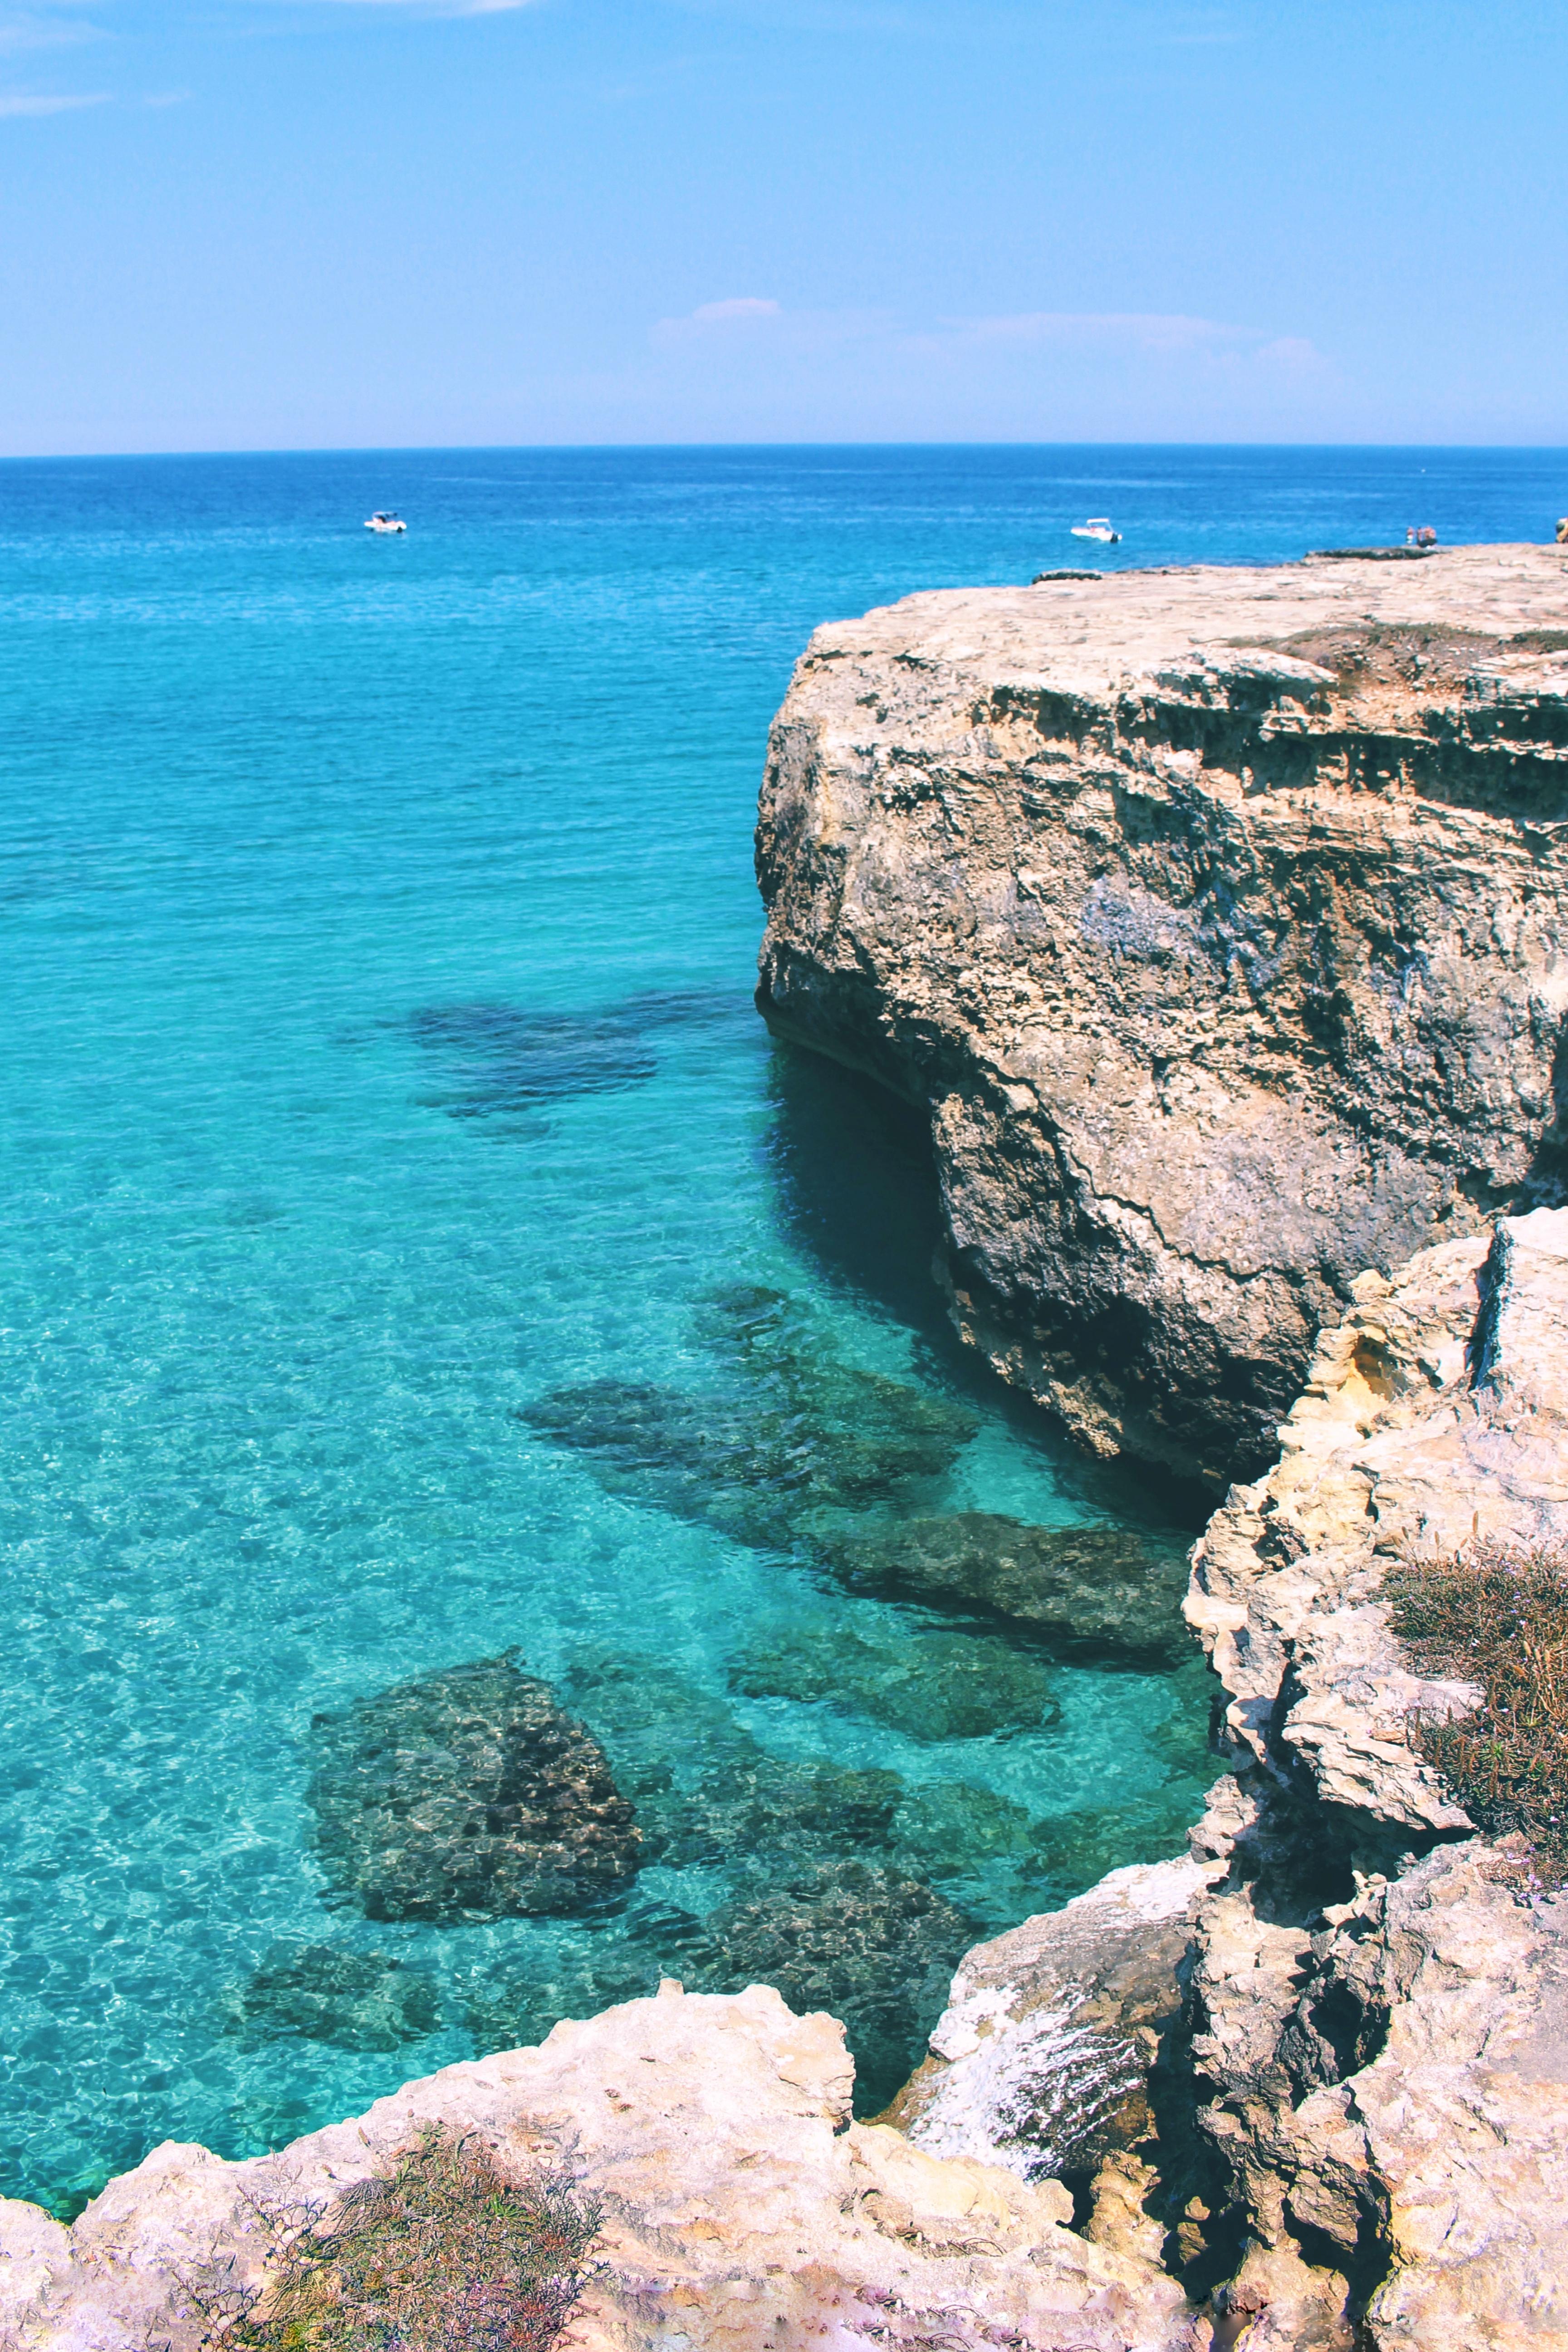 Puglia, Salento, Melendugno, Grotta della poesia, Roca, Itinerari, viaggi in Puglia, Blog di viaggi